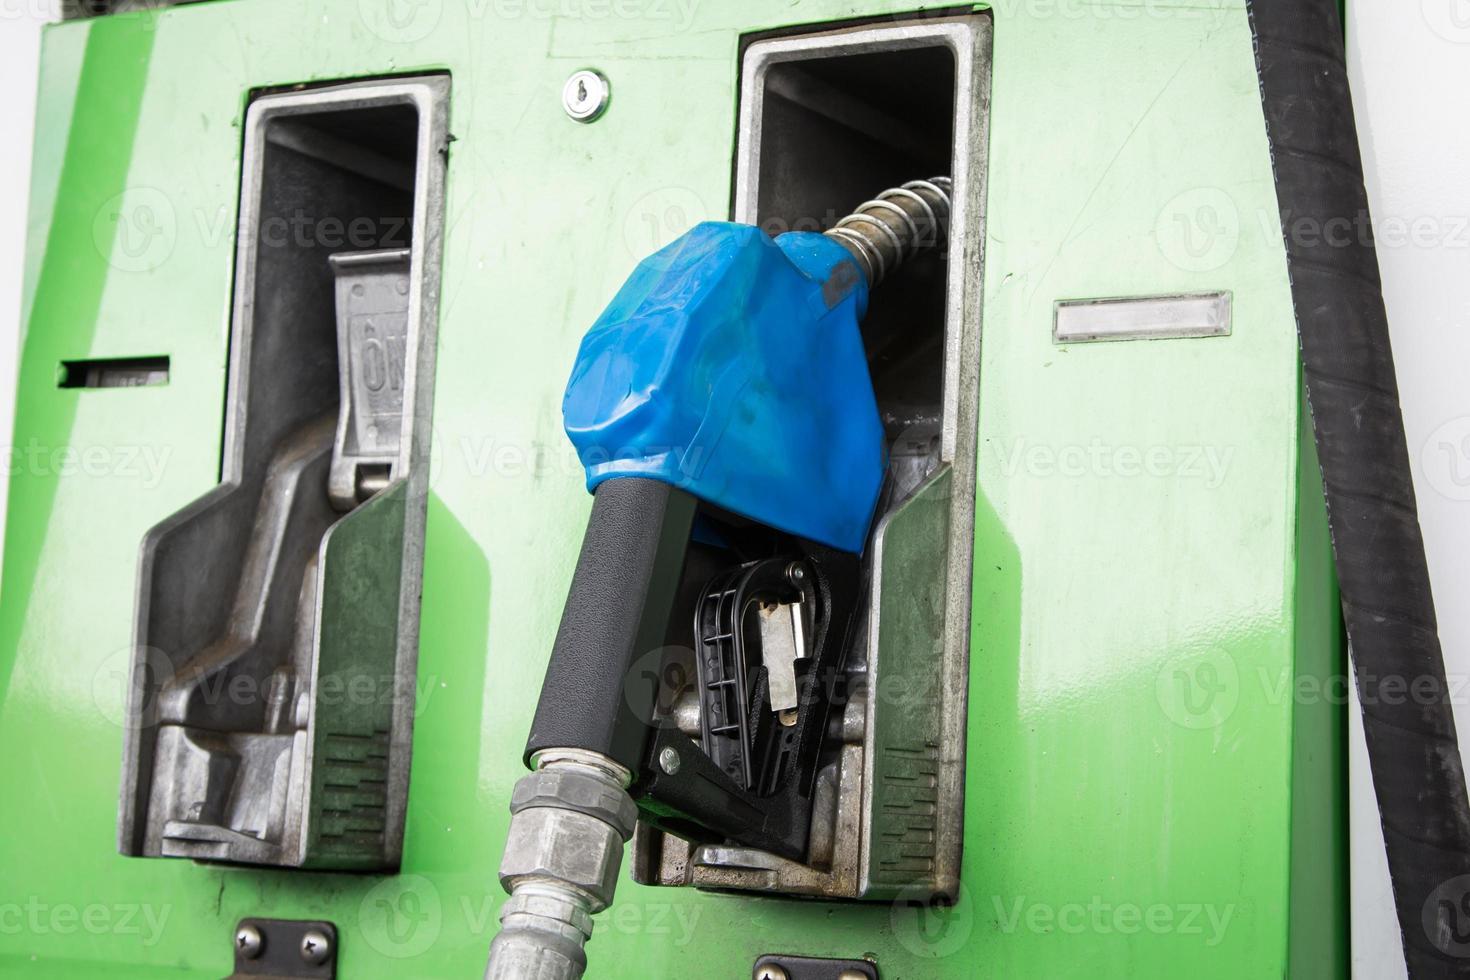 bicos da bomba de gás na estação de serviço foto